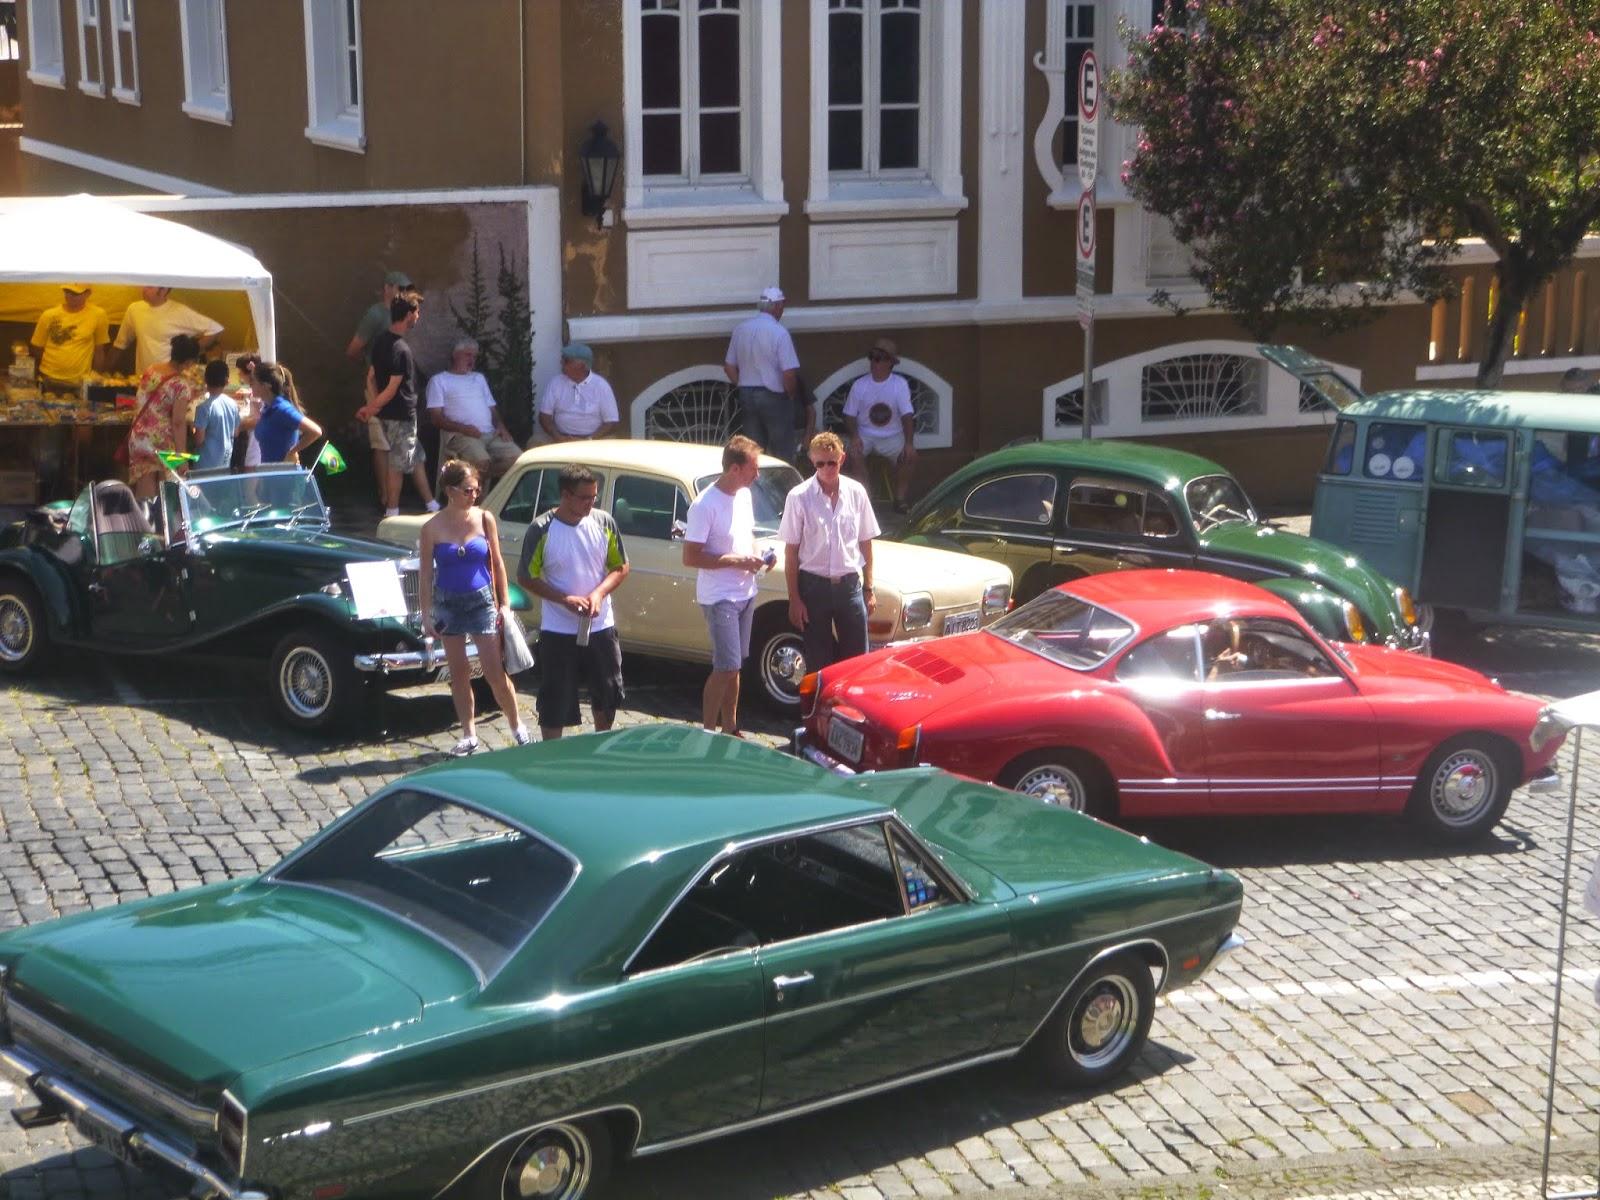 Exposição de carros antigos - Centro Histórico de Curitiba - TURISMO E VIAGEM